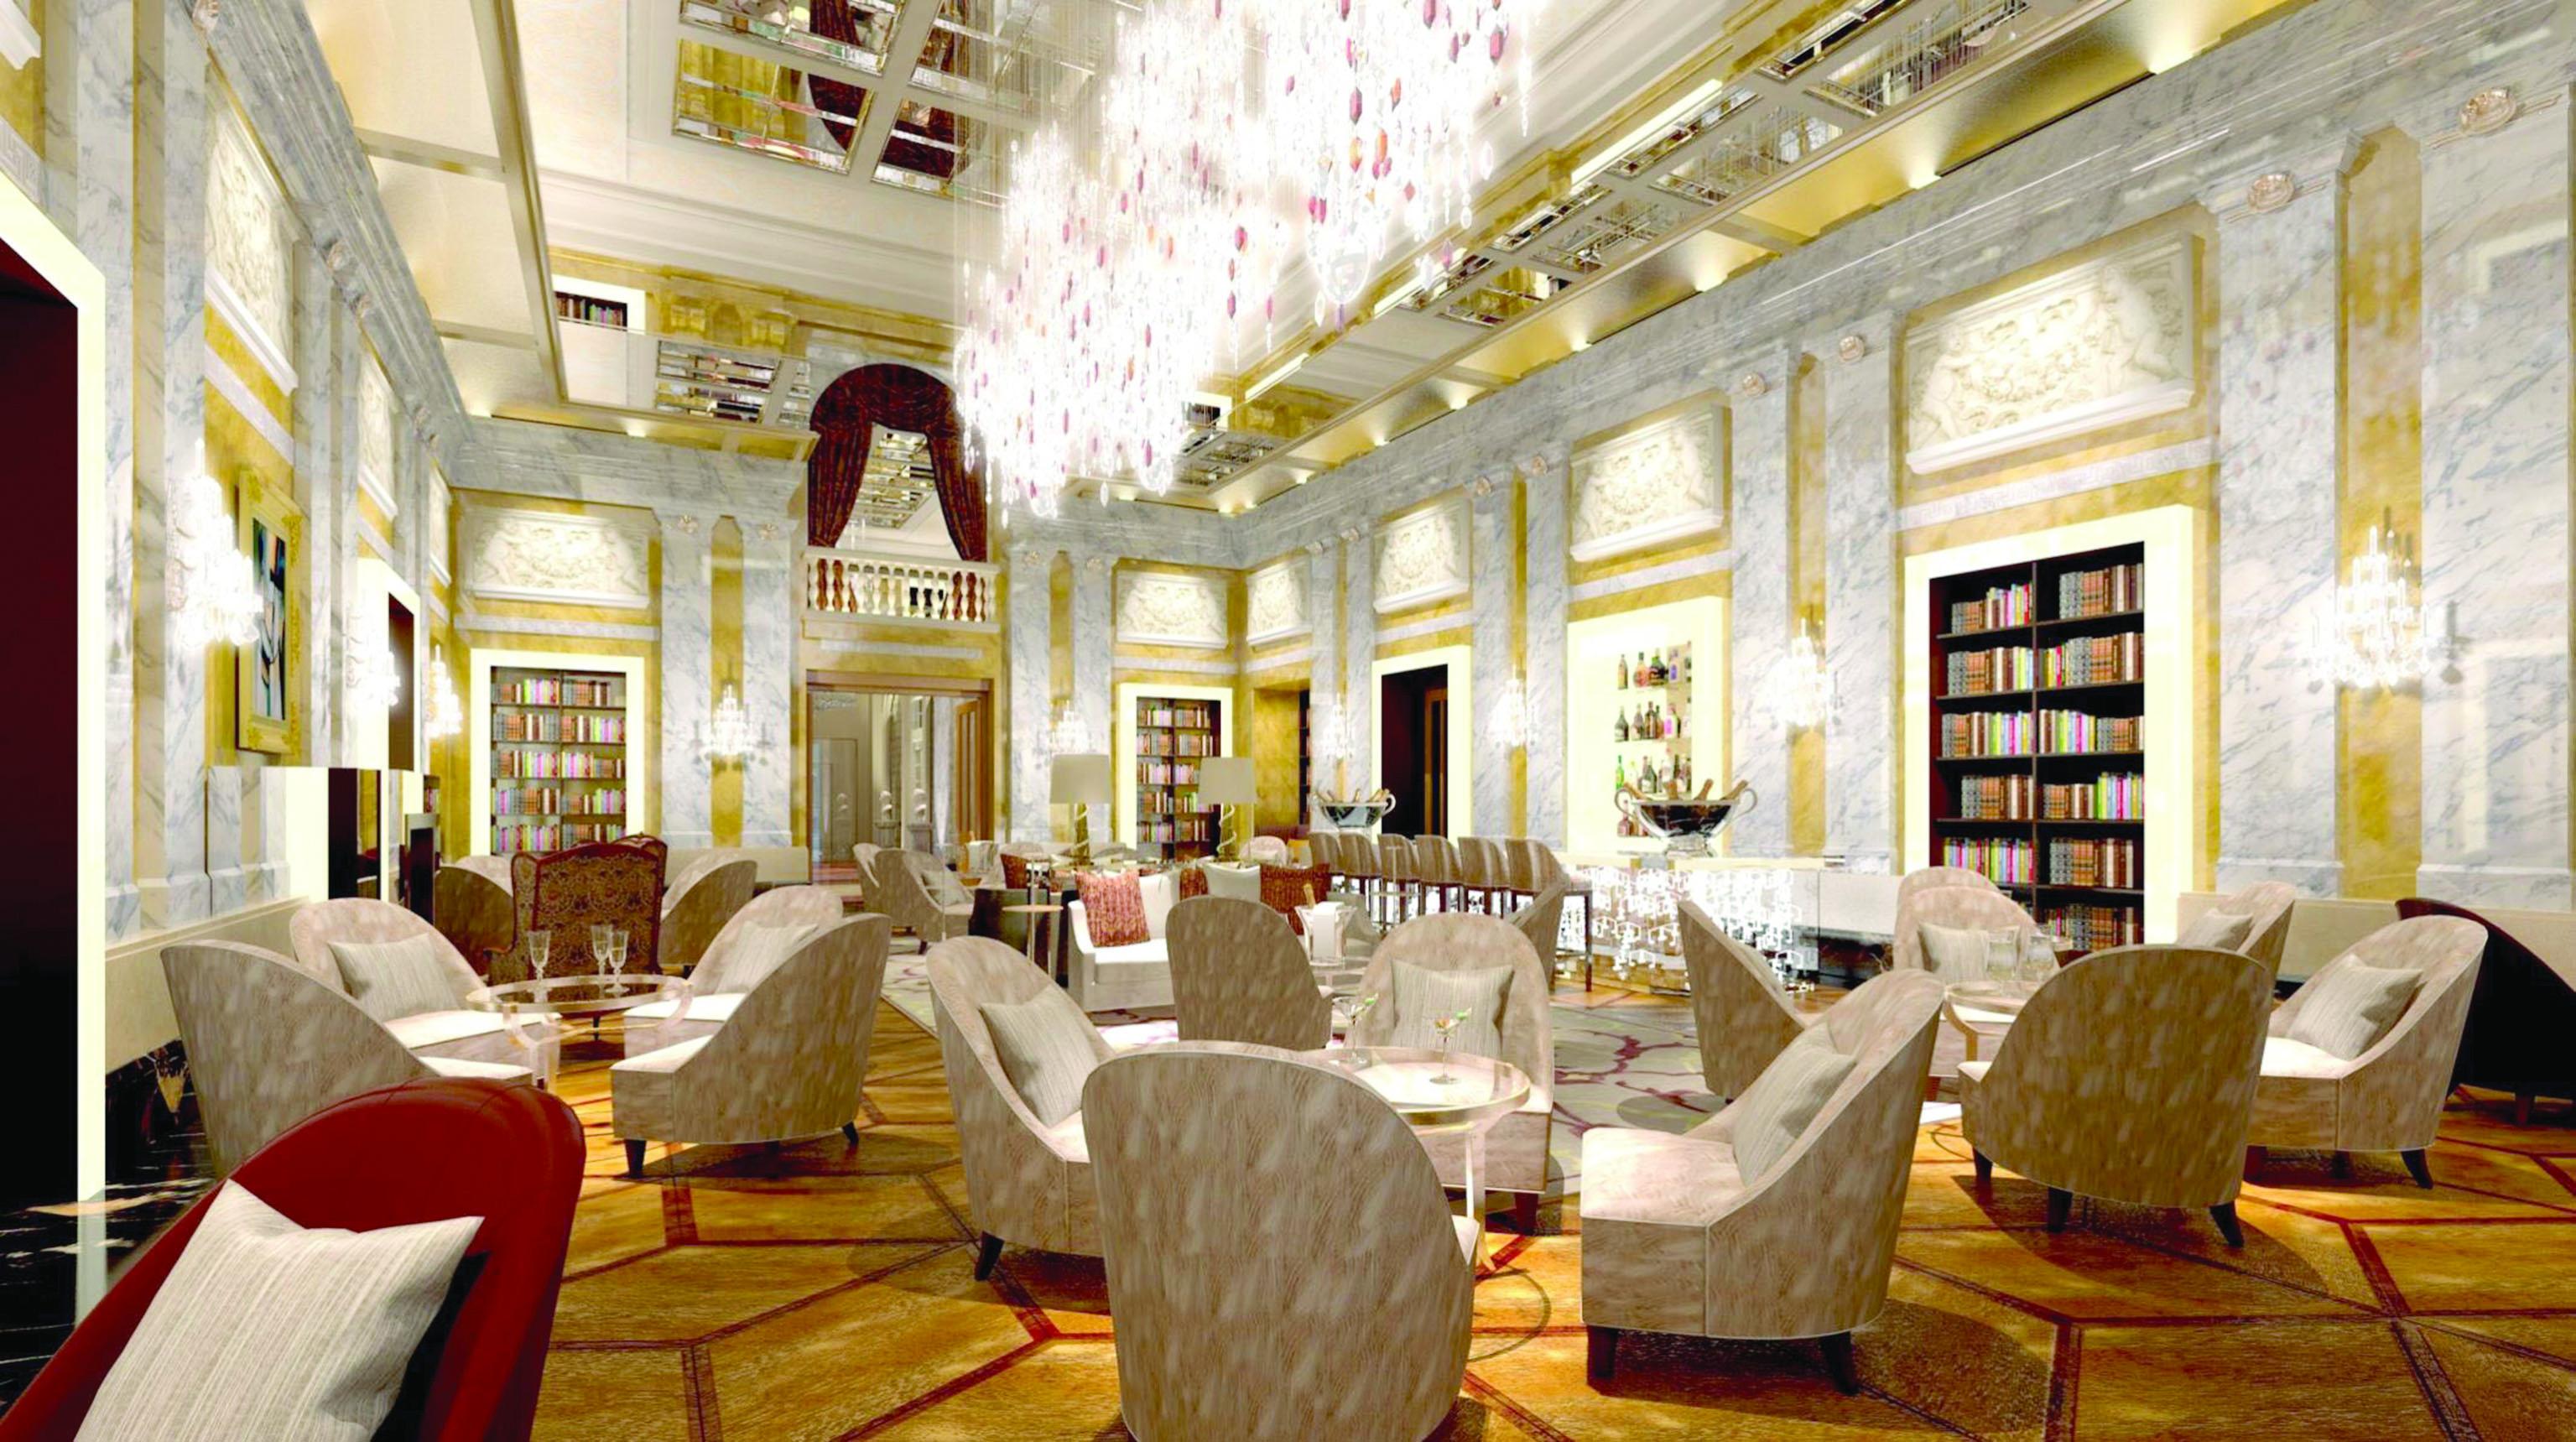 بالصور: فندق إمبيريال.. كنز تاريخي يتلألأ في سماء فيينا